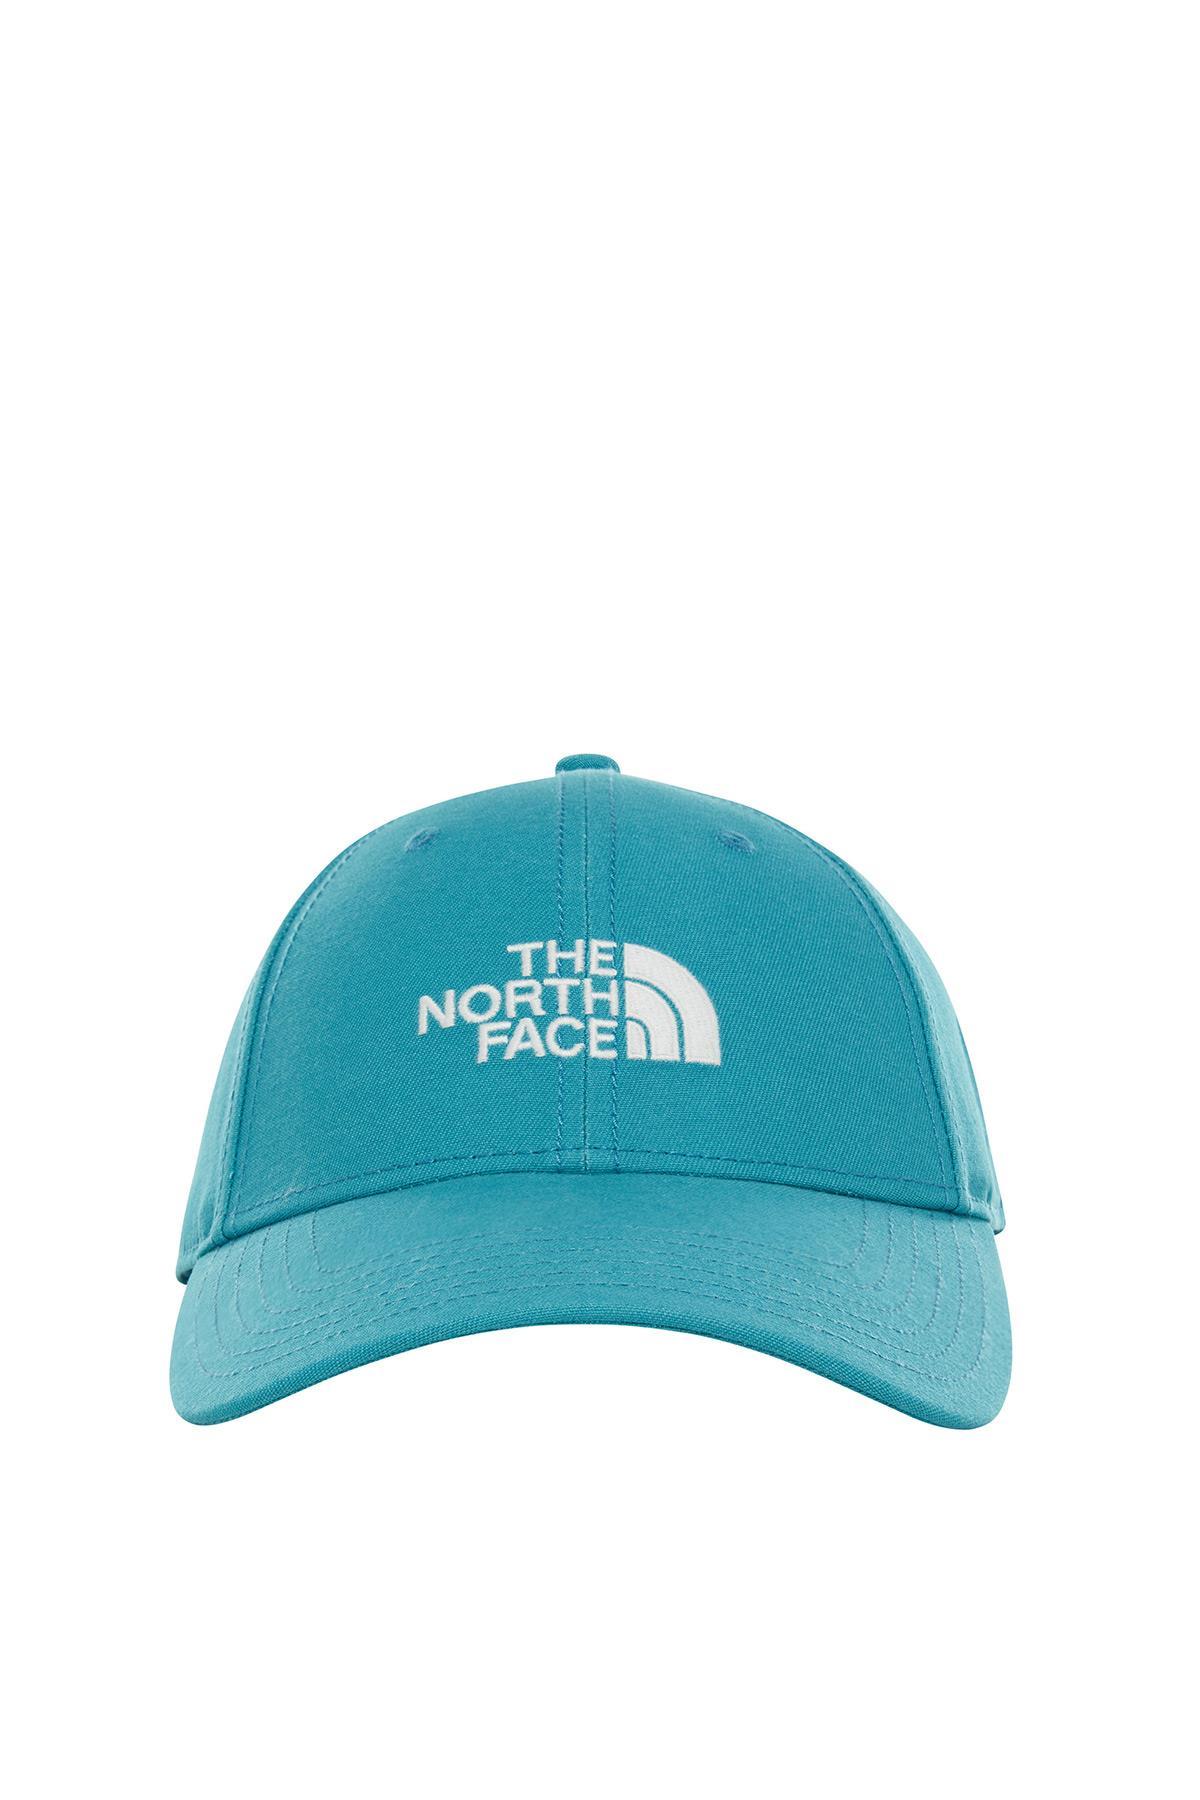 The Northface 66 Classic Hat T0Cf8Cm9D